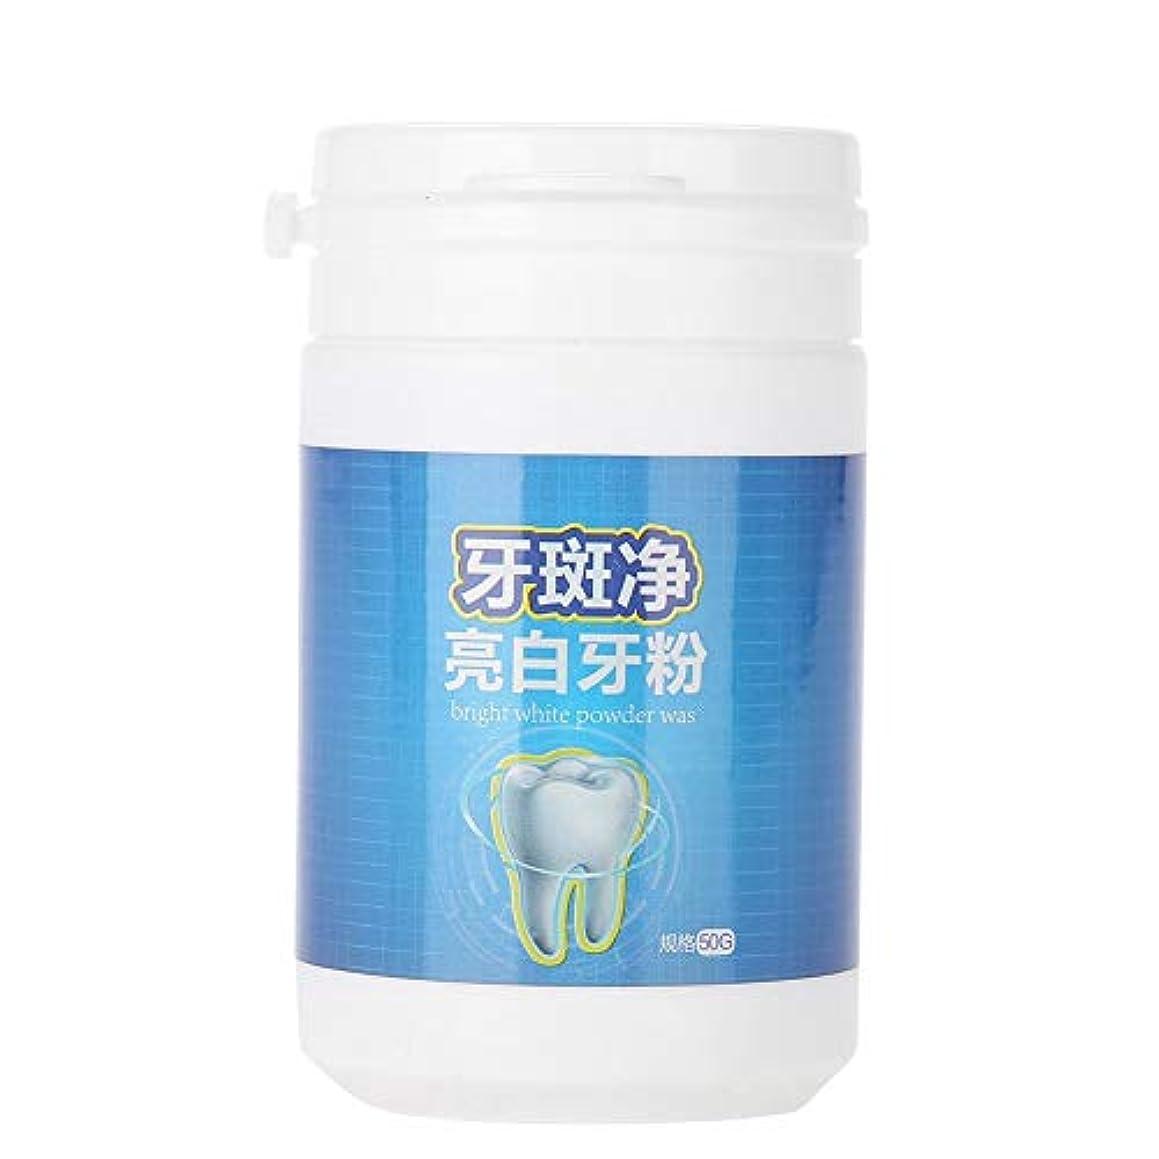 粉茶コーヒーの汚れの口臭の取り外しの口腔ケアの粉を白くする口腔ケアの粉50gの歯